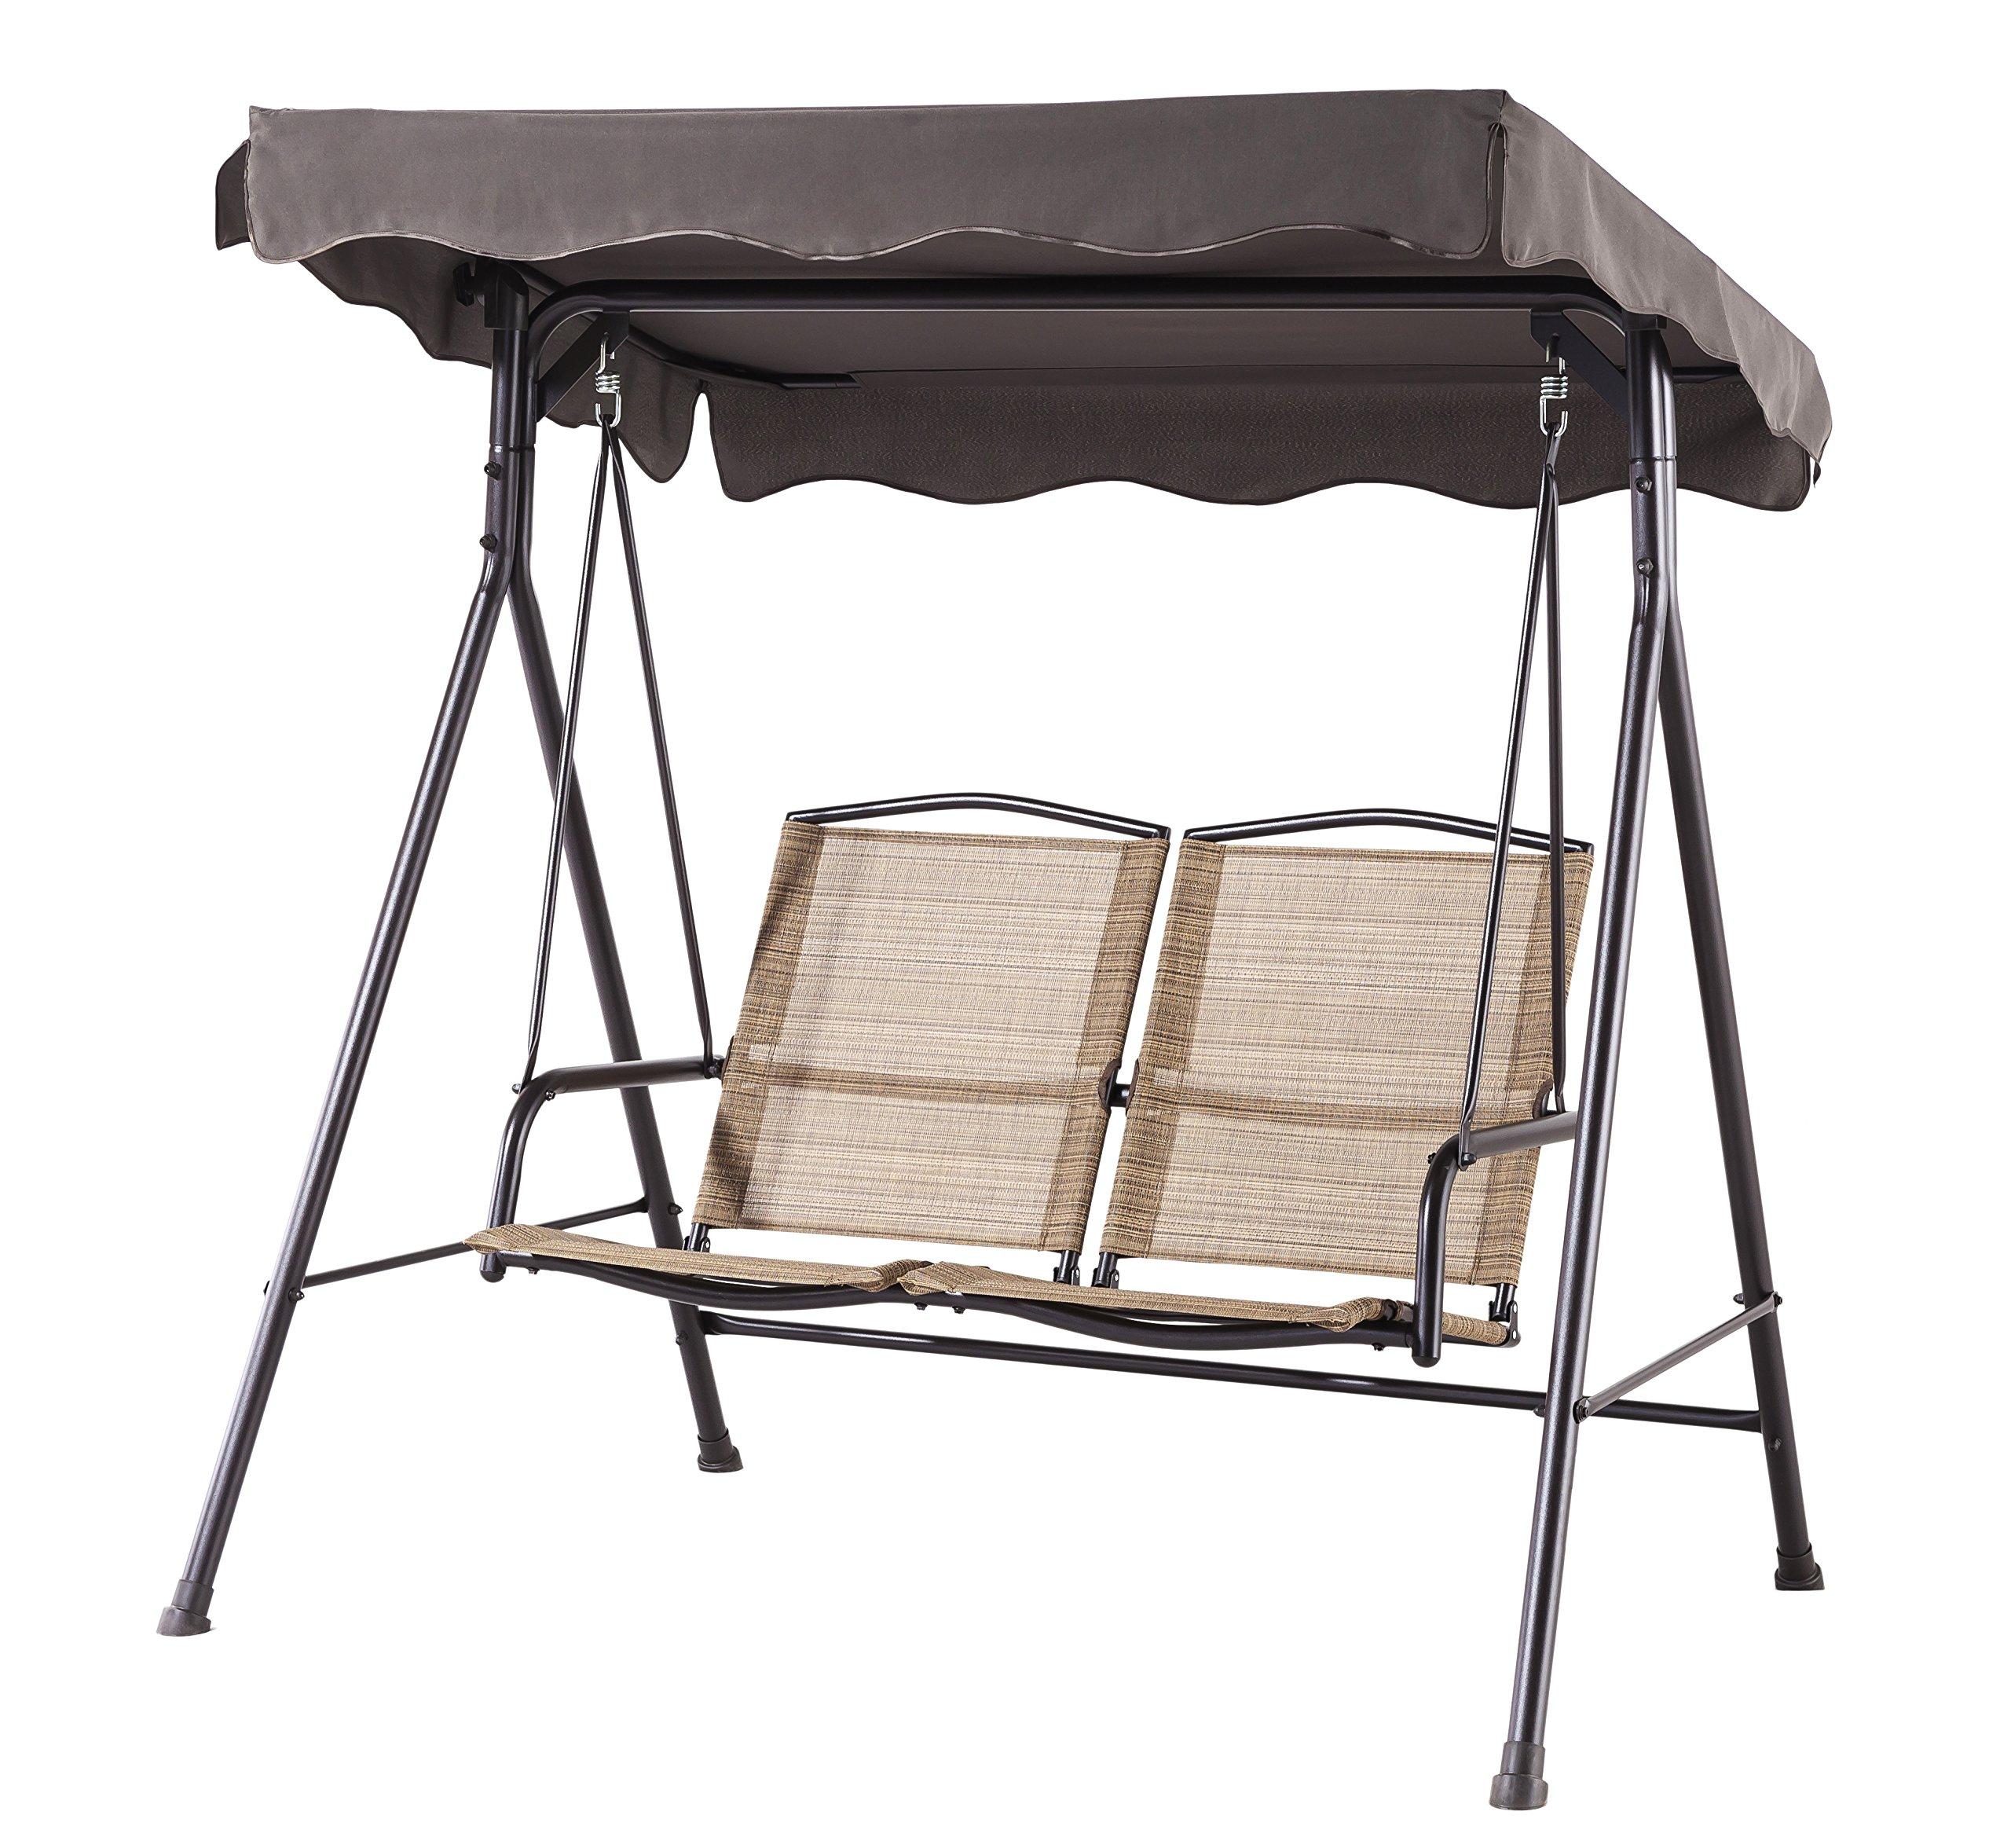 Backyard Classics Porch Swing Stand Awning